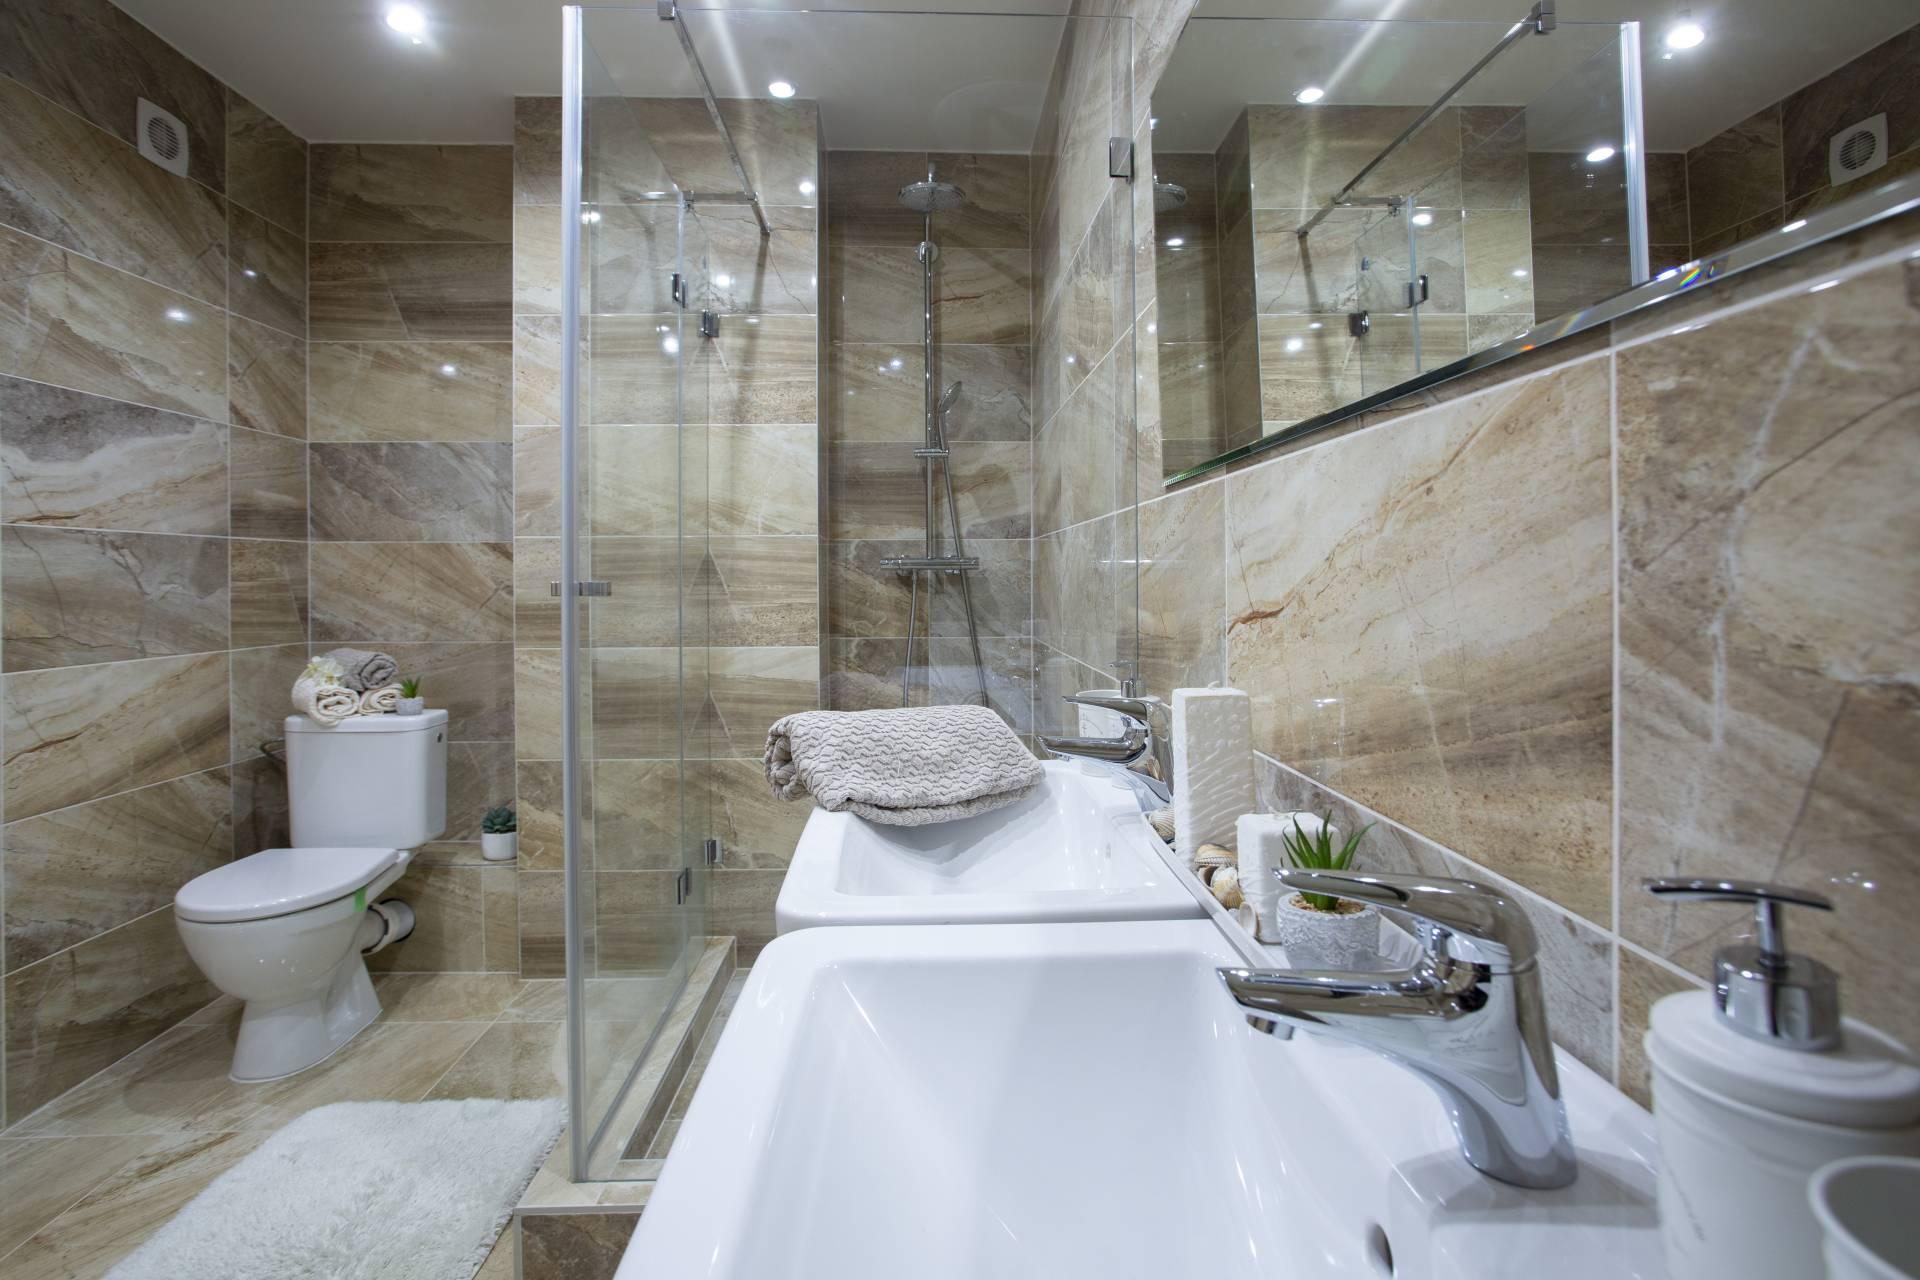 Predaj bytu (4 izbový) 95 m2, Nitra - 4i exkluzívny byt, Mostná, Nitra Kupelna